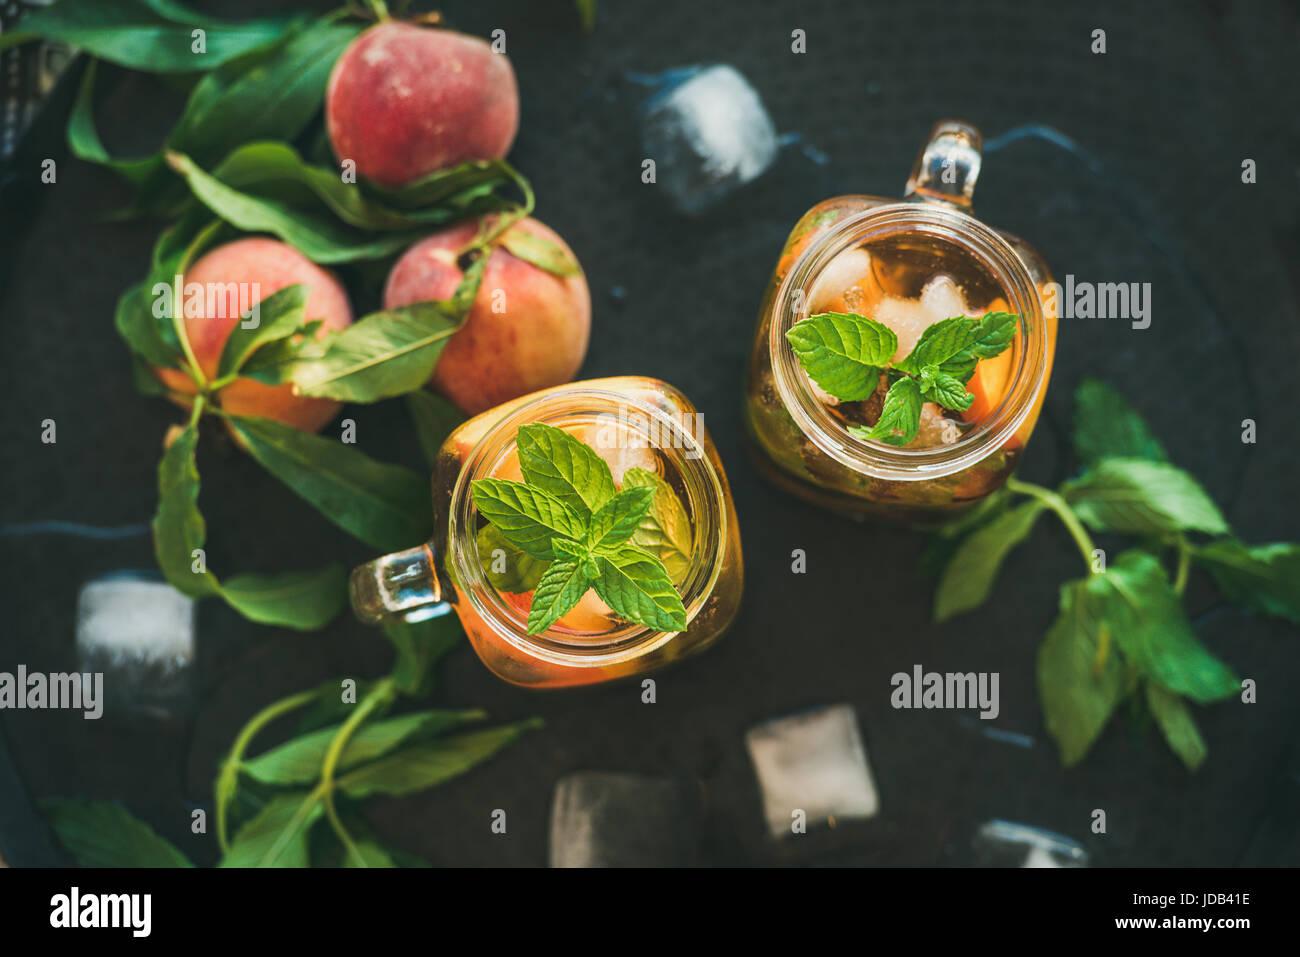 Estate rinfrescante freddo pesca ice tea in vasetti di vetro Immagini Stock